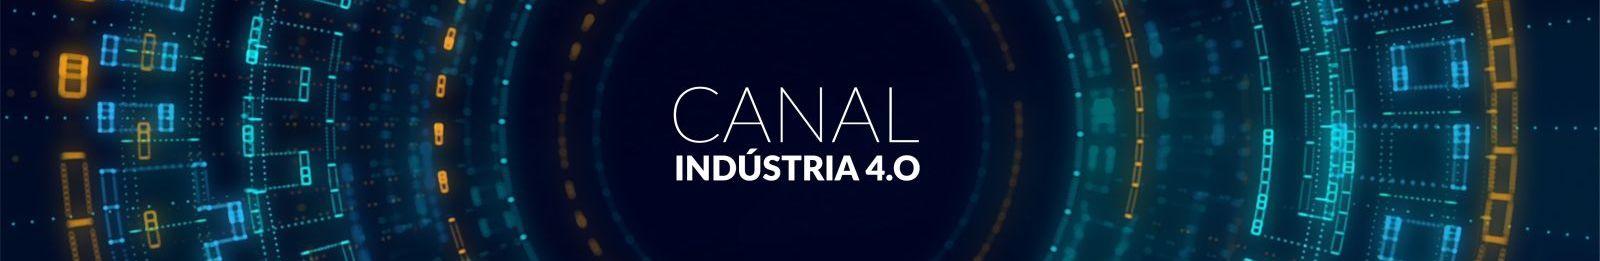 Canal Indústria 4.0